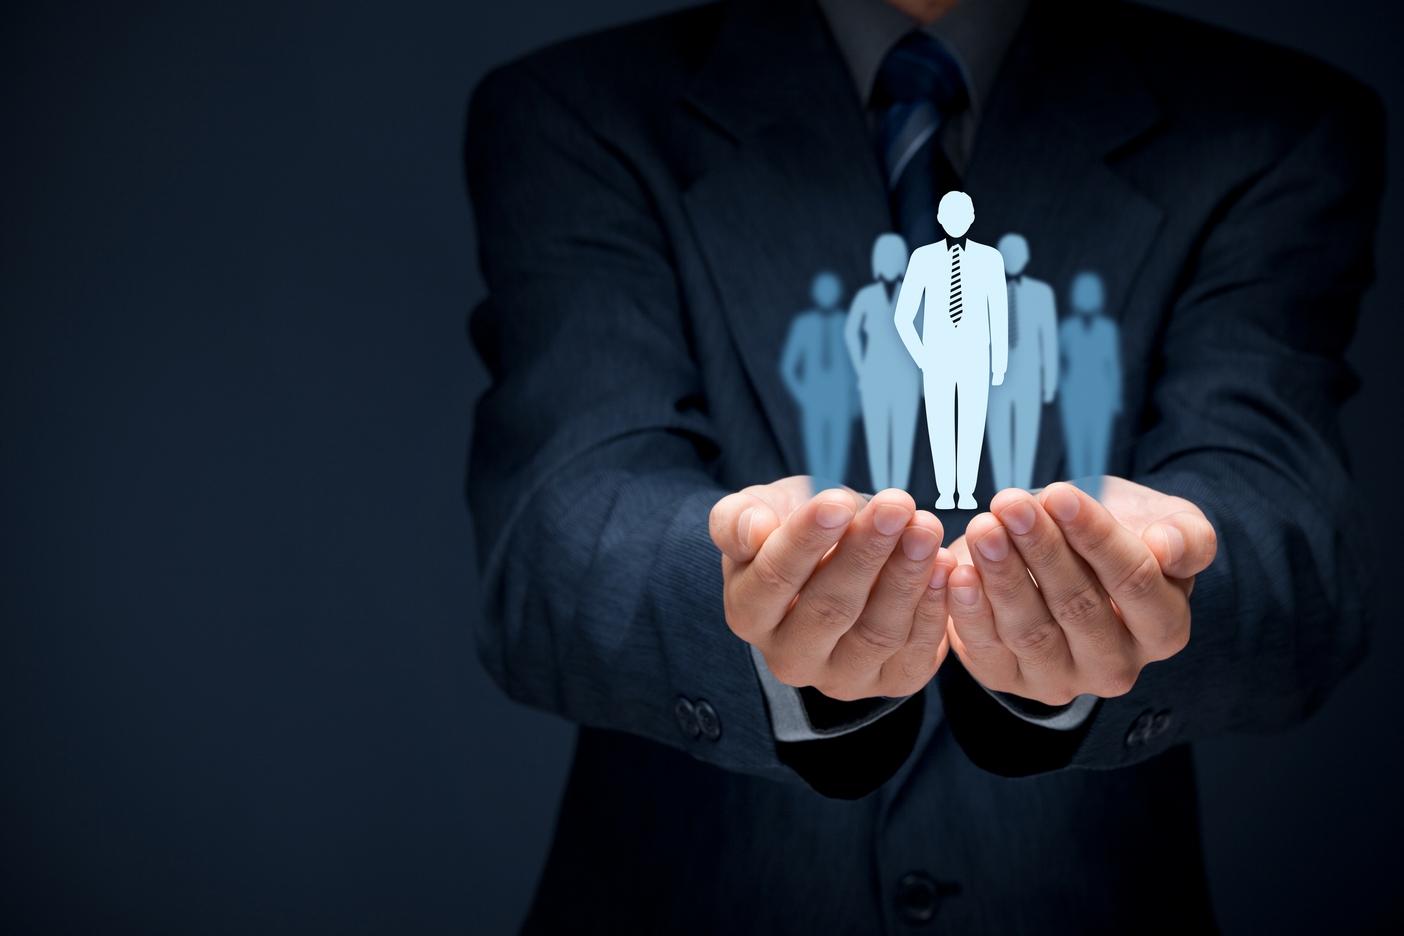 ¿Eres servidor del Estado? Tribunal de SERVIR establece precedente vinculante sobre tipificación de faltas administrativas